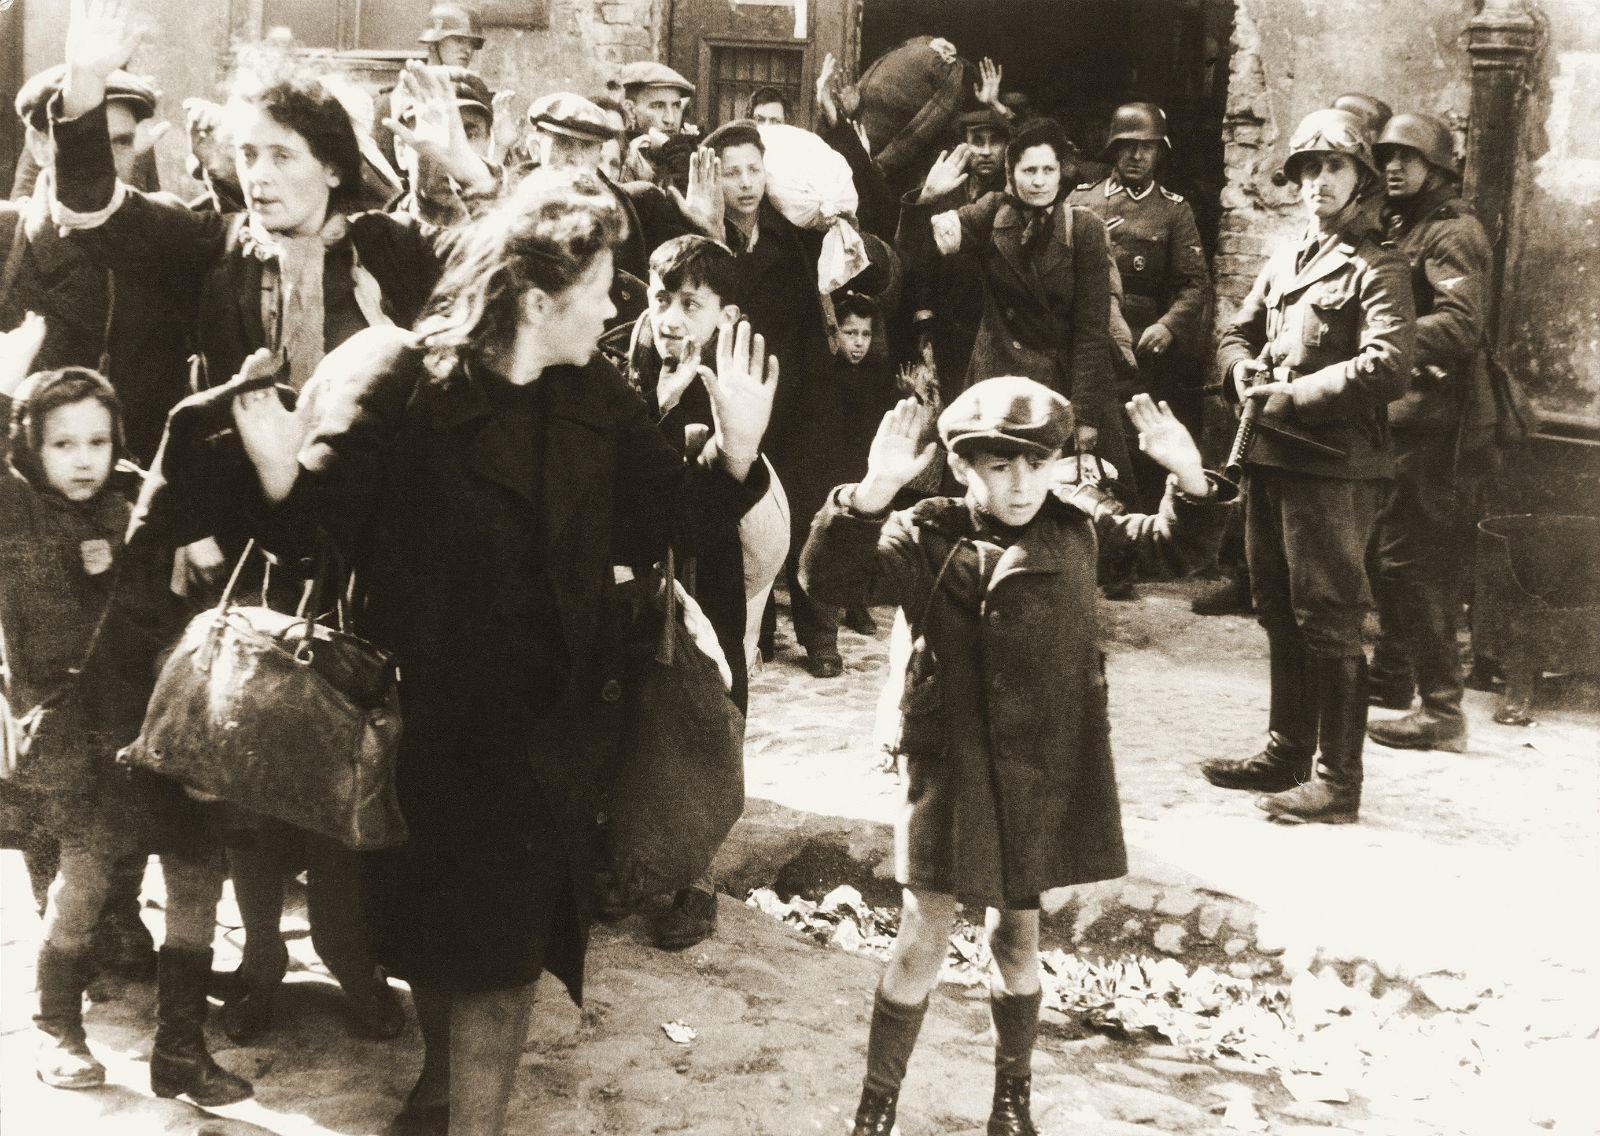 1943 年「華沙猶太區起義」,是年 4 月華沙區猶太人群起反抗,結果卻加速引來殺戮。照片取自 1943 年 5 月親衛隊提交給希姆萊的報告。 圖片來源:wikimedia